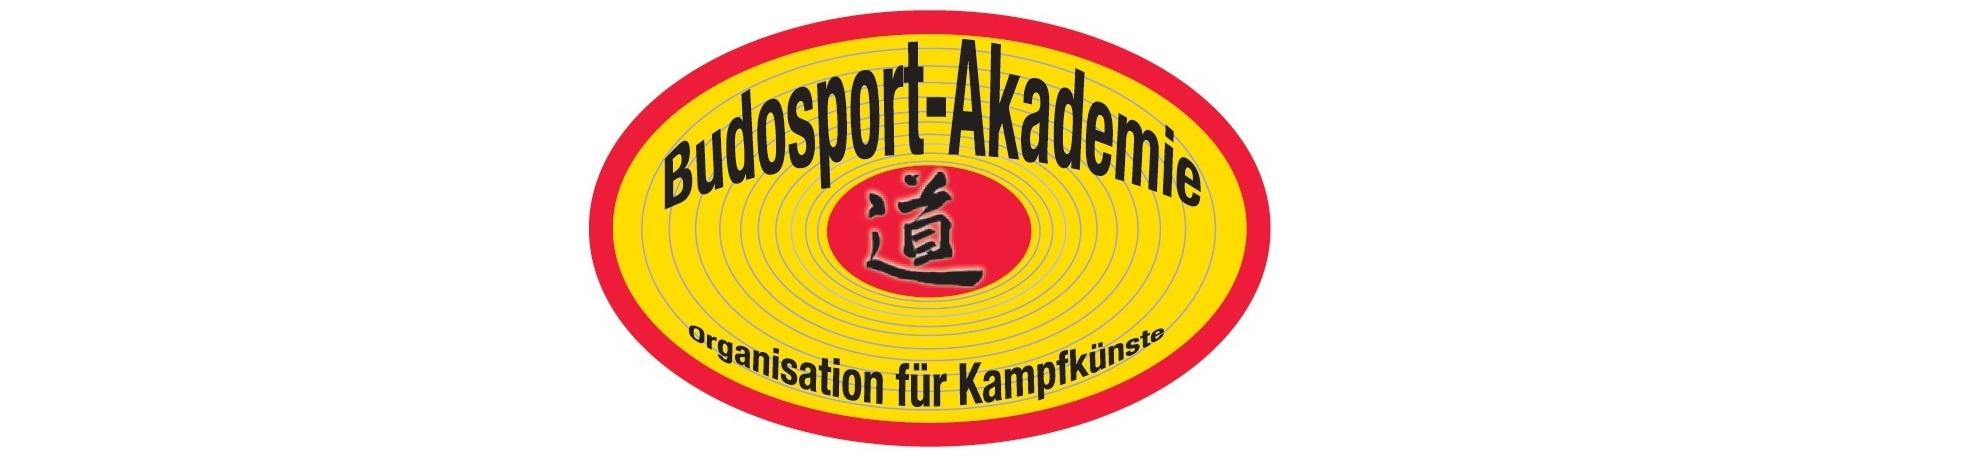 Budo Sport Akademie